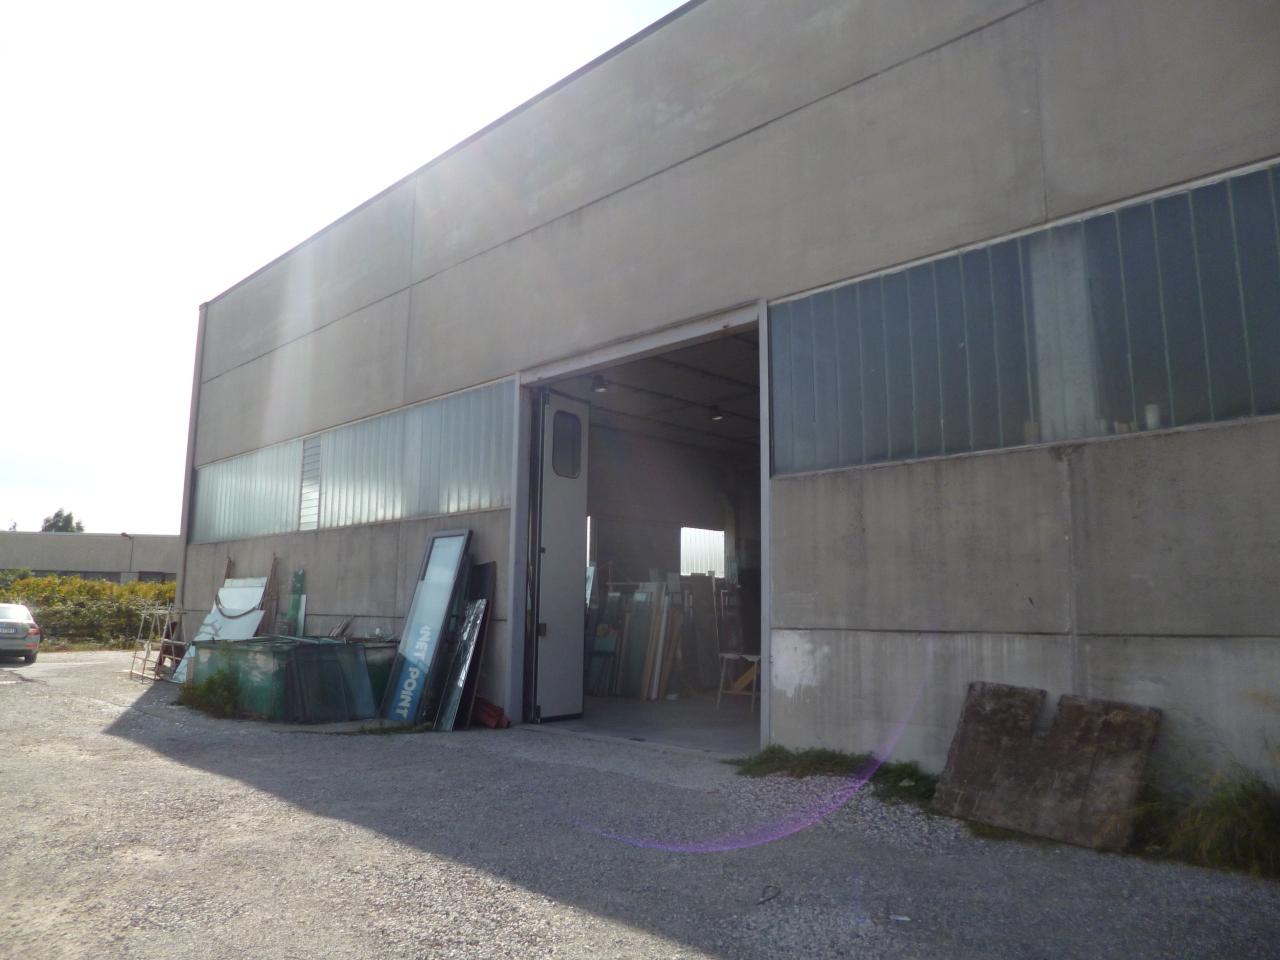 Capannone in vendita a Livorno, 9999 locali, prezzo € 460.000 | Cambio Casa.it